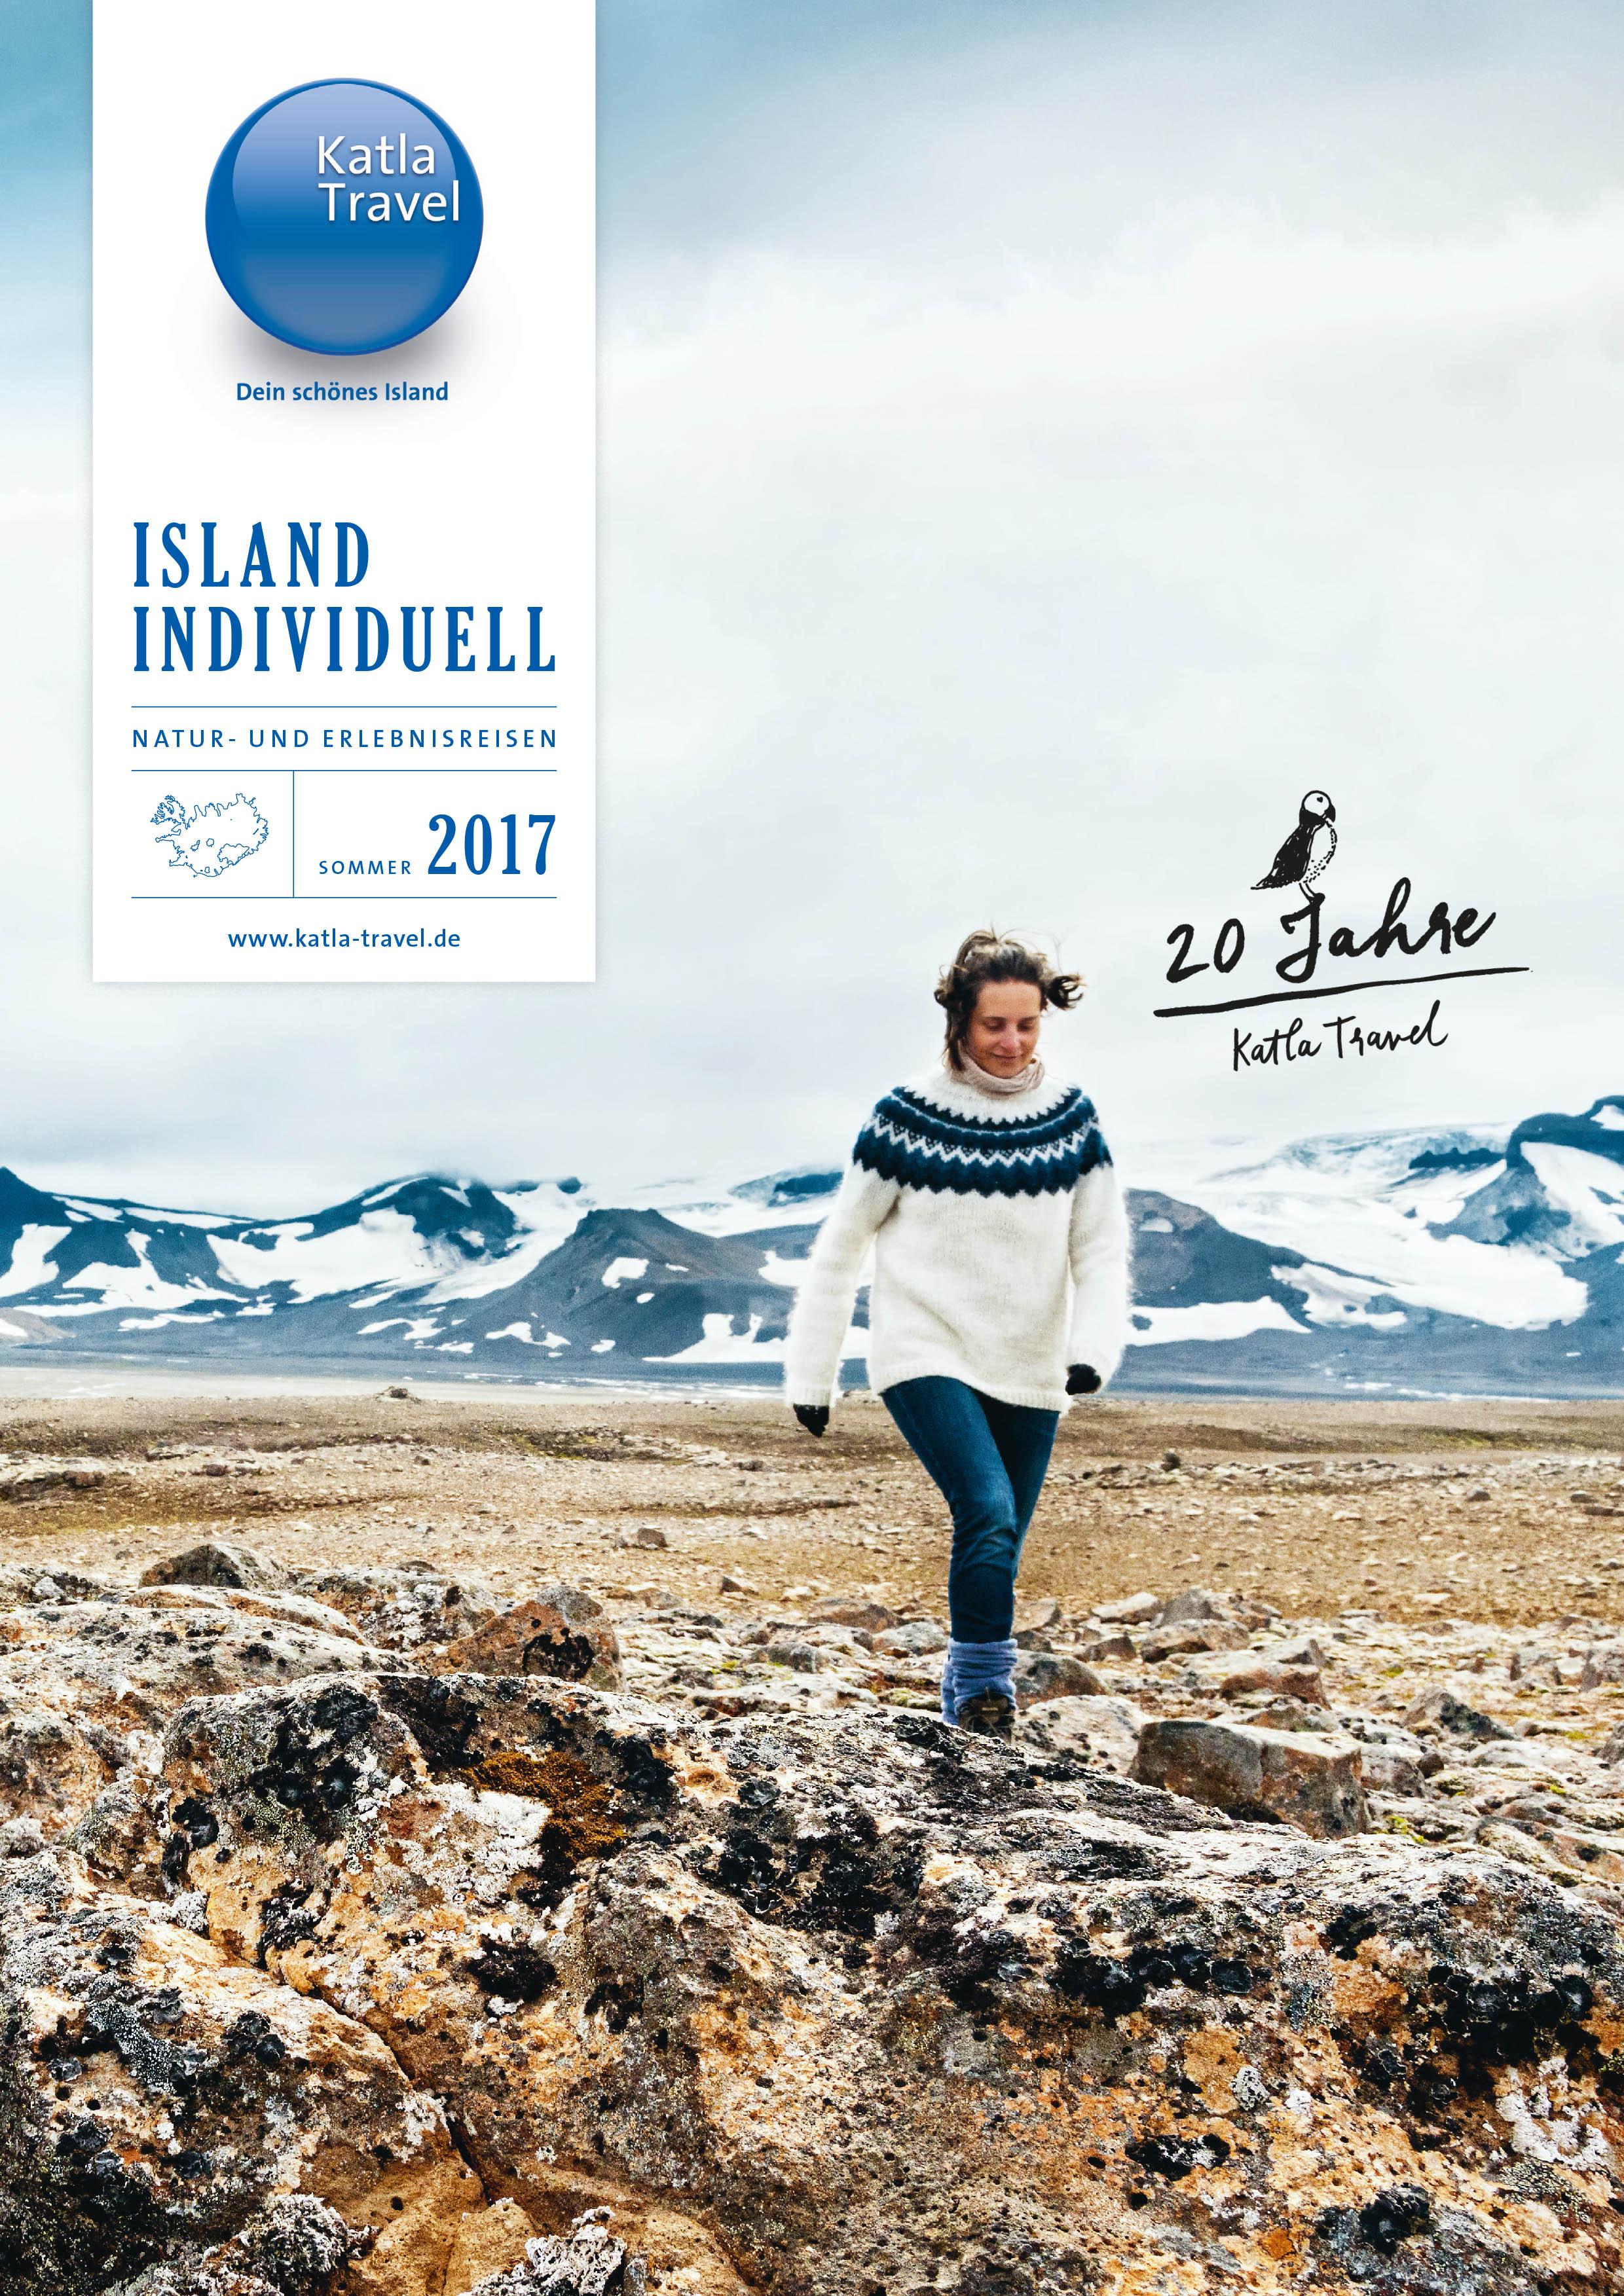 Cover for Katla Travel